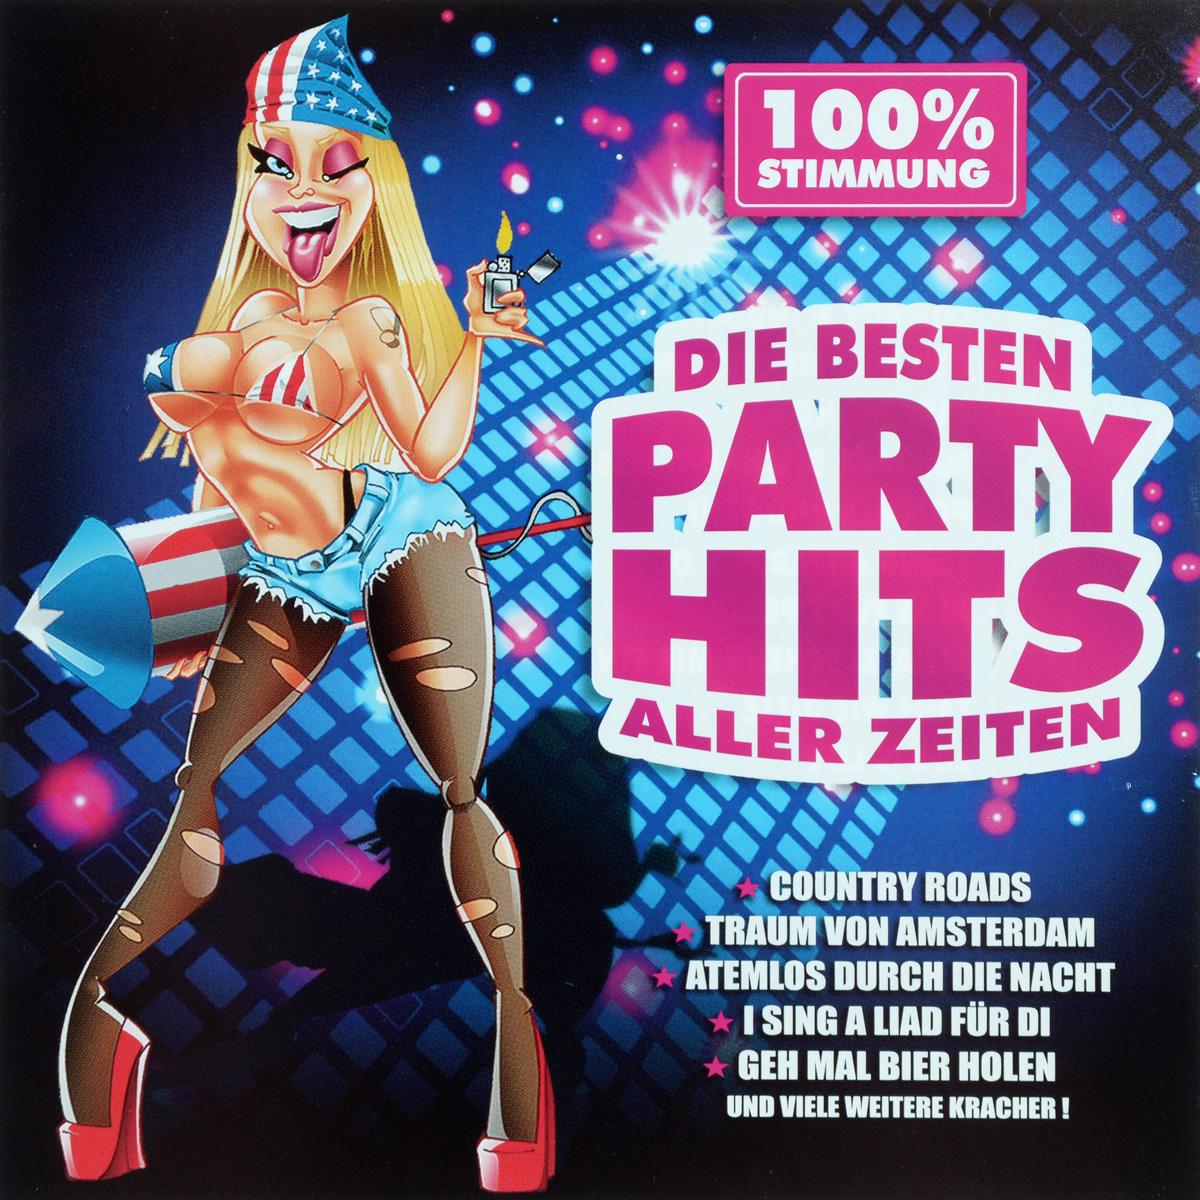 Die Besten Party Hits Aller Zeiten grupo de noche